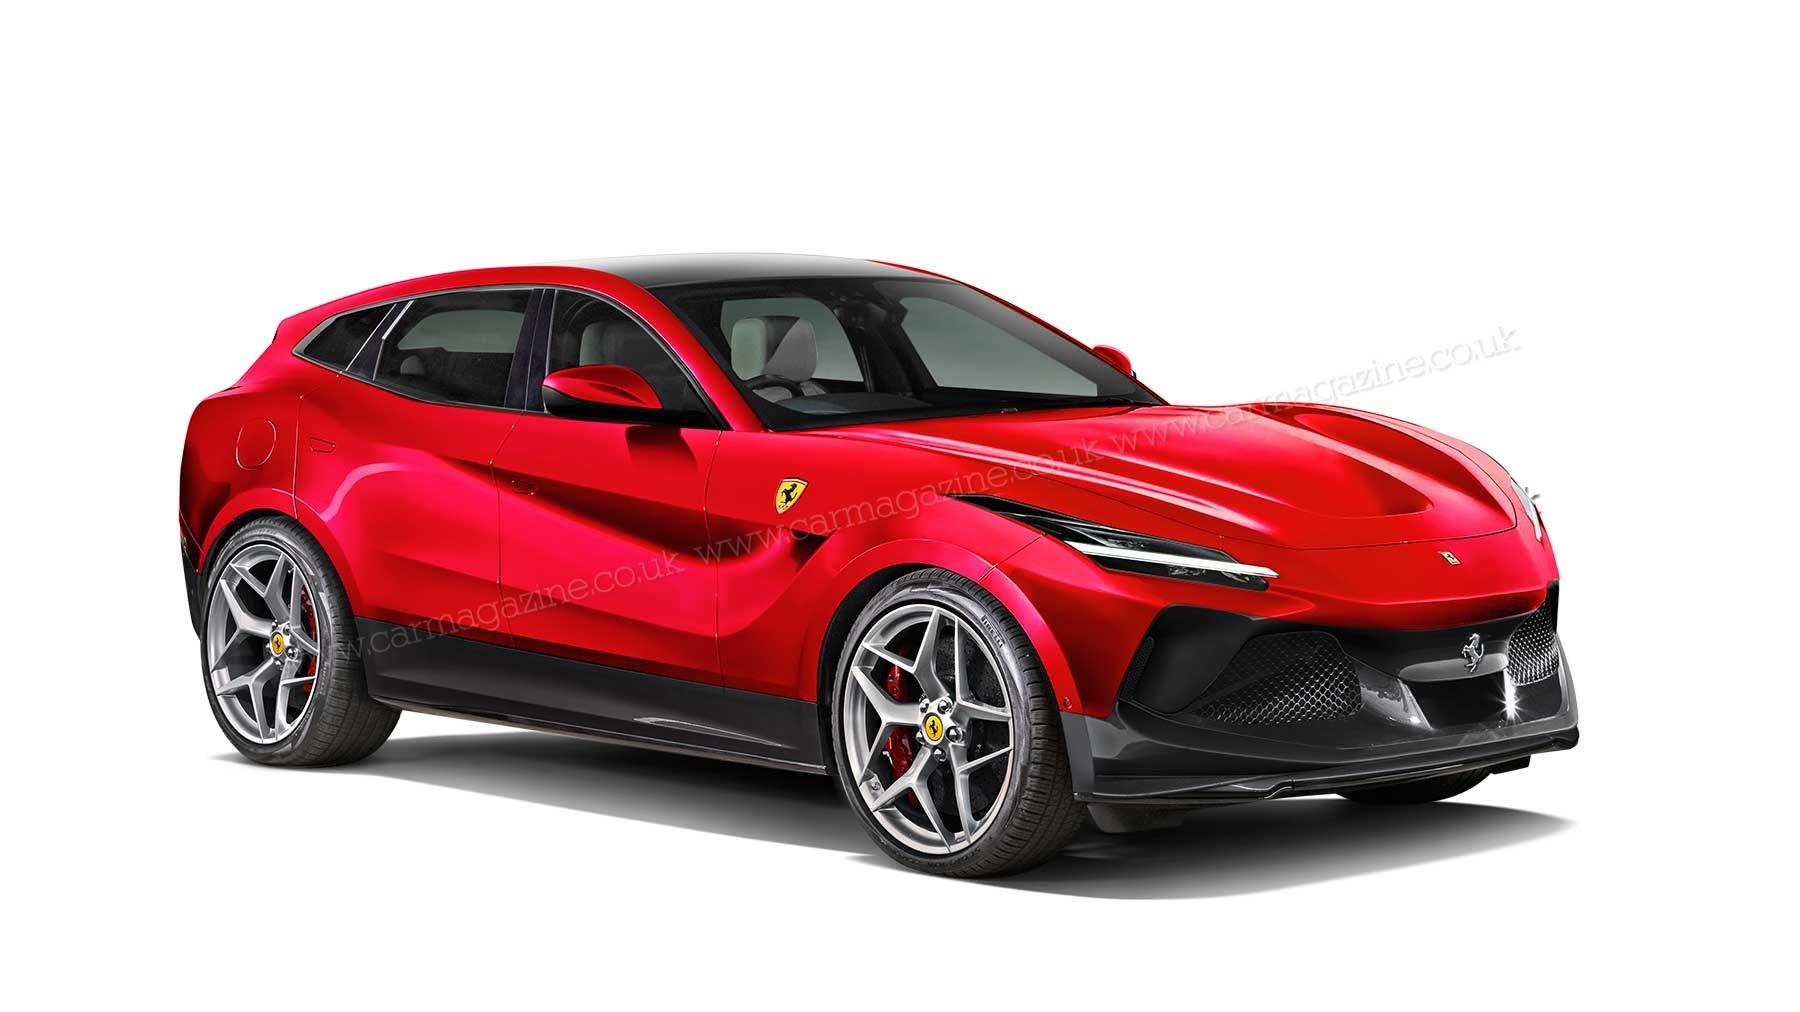 2022 Ferrari Purosangue SUV